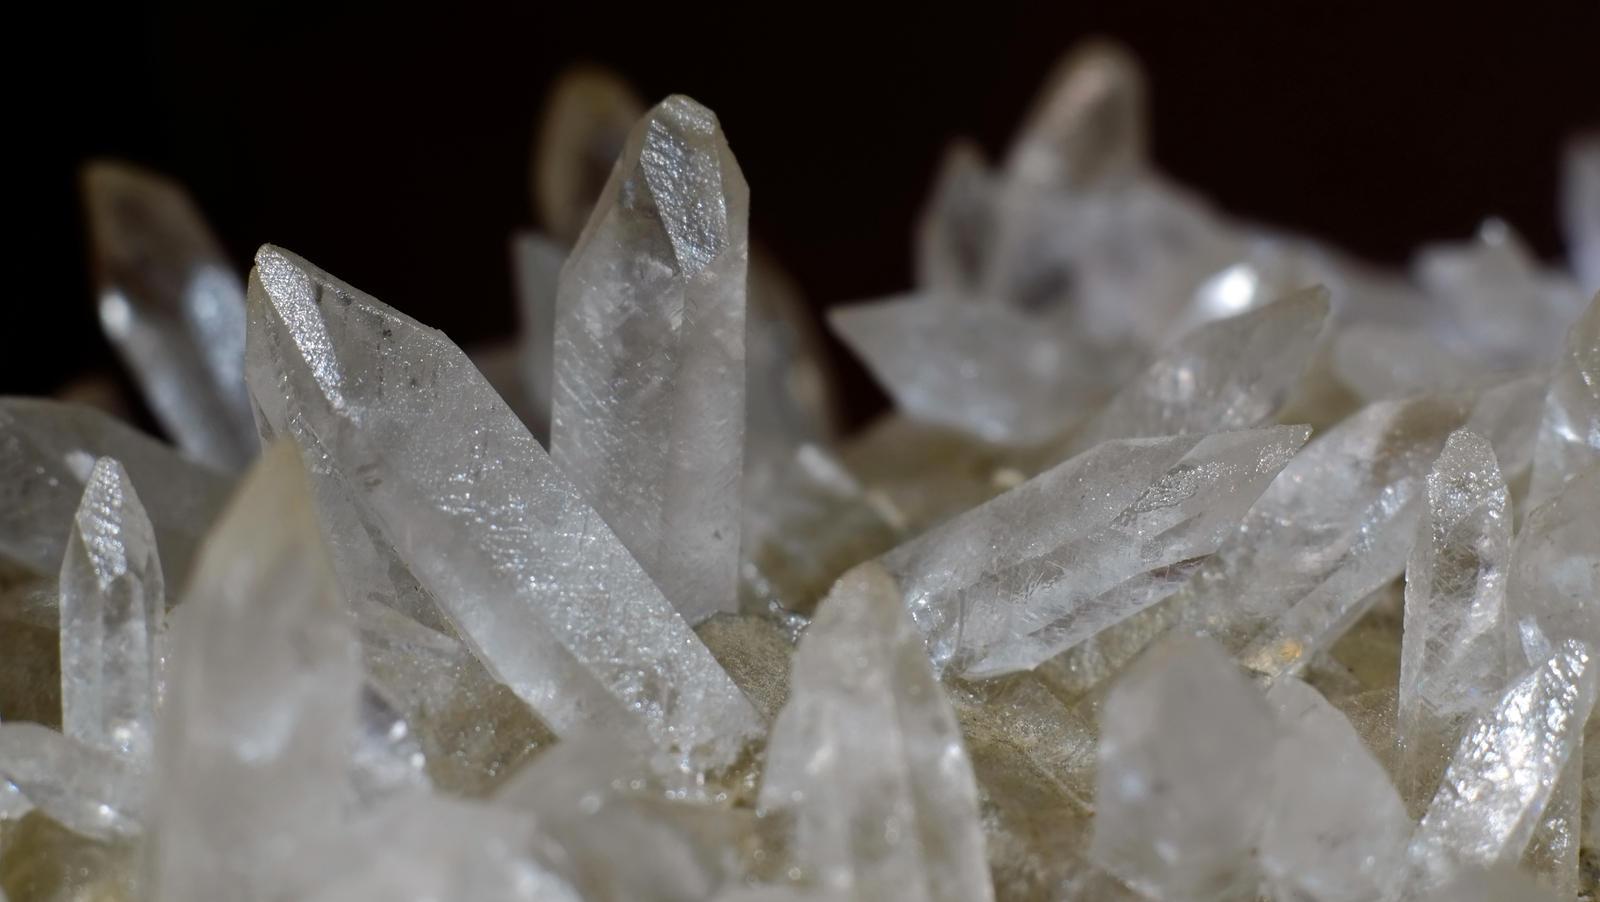 Crystal Scape by Burtn